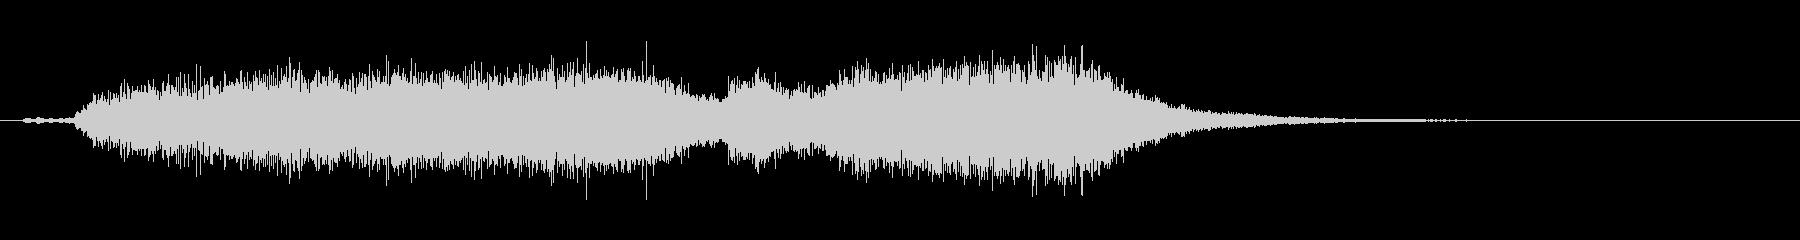 レアガチャオーケストラジングルの未再生の波形